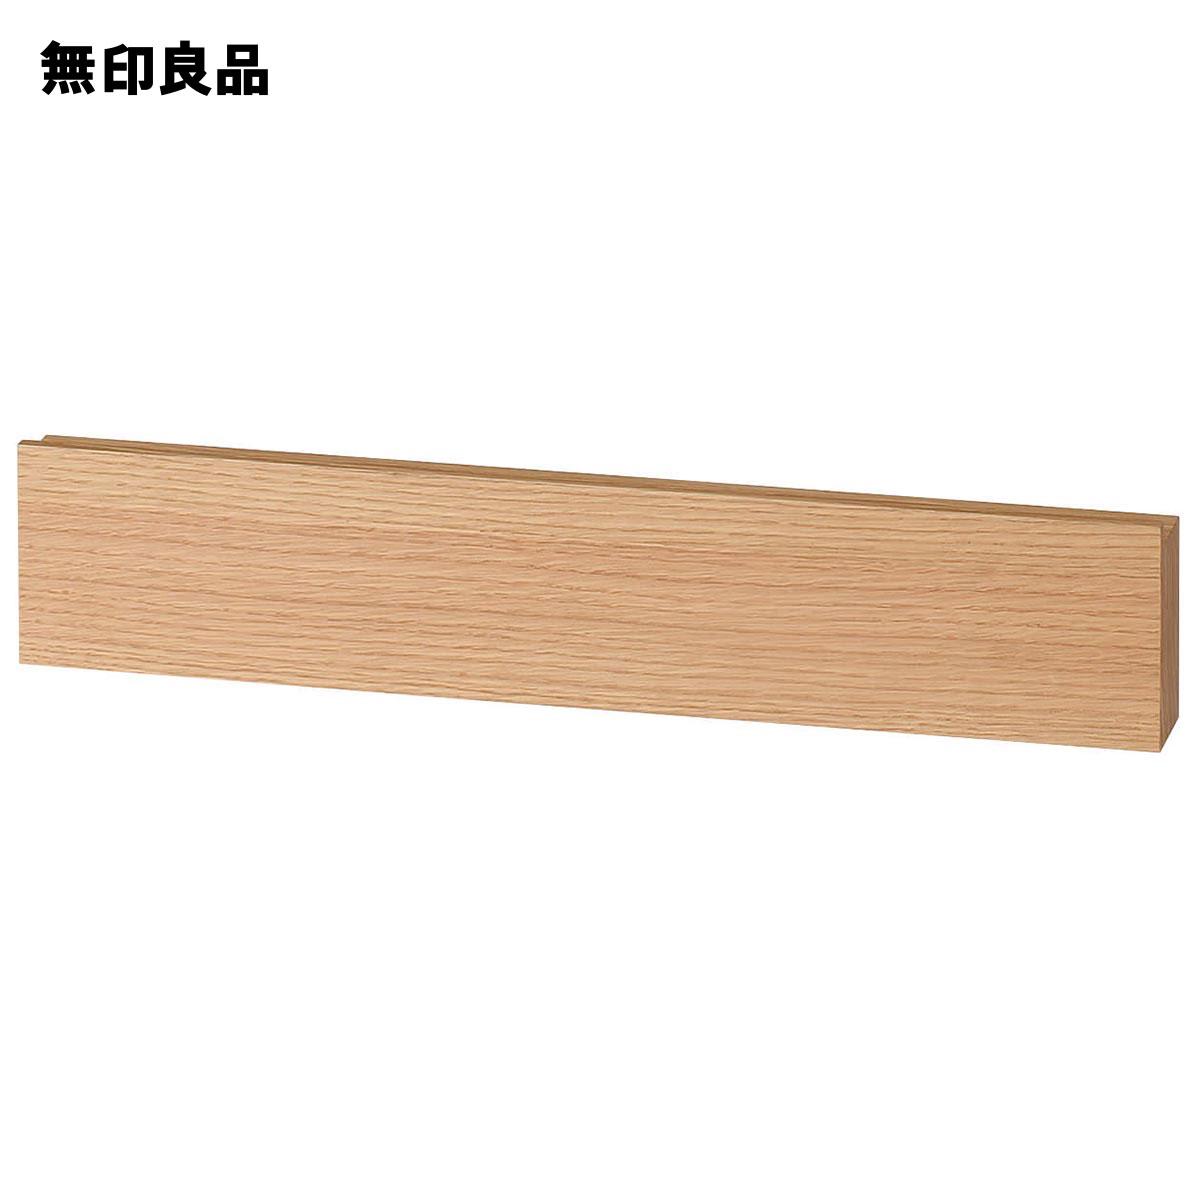 【無印良品 公式】壁に付けられる家具・長押・幅44cm・オーク材幅44×奥行4×高さ9cm